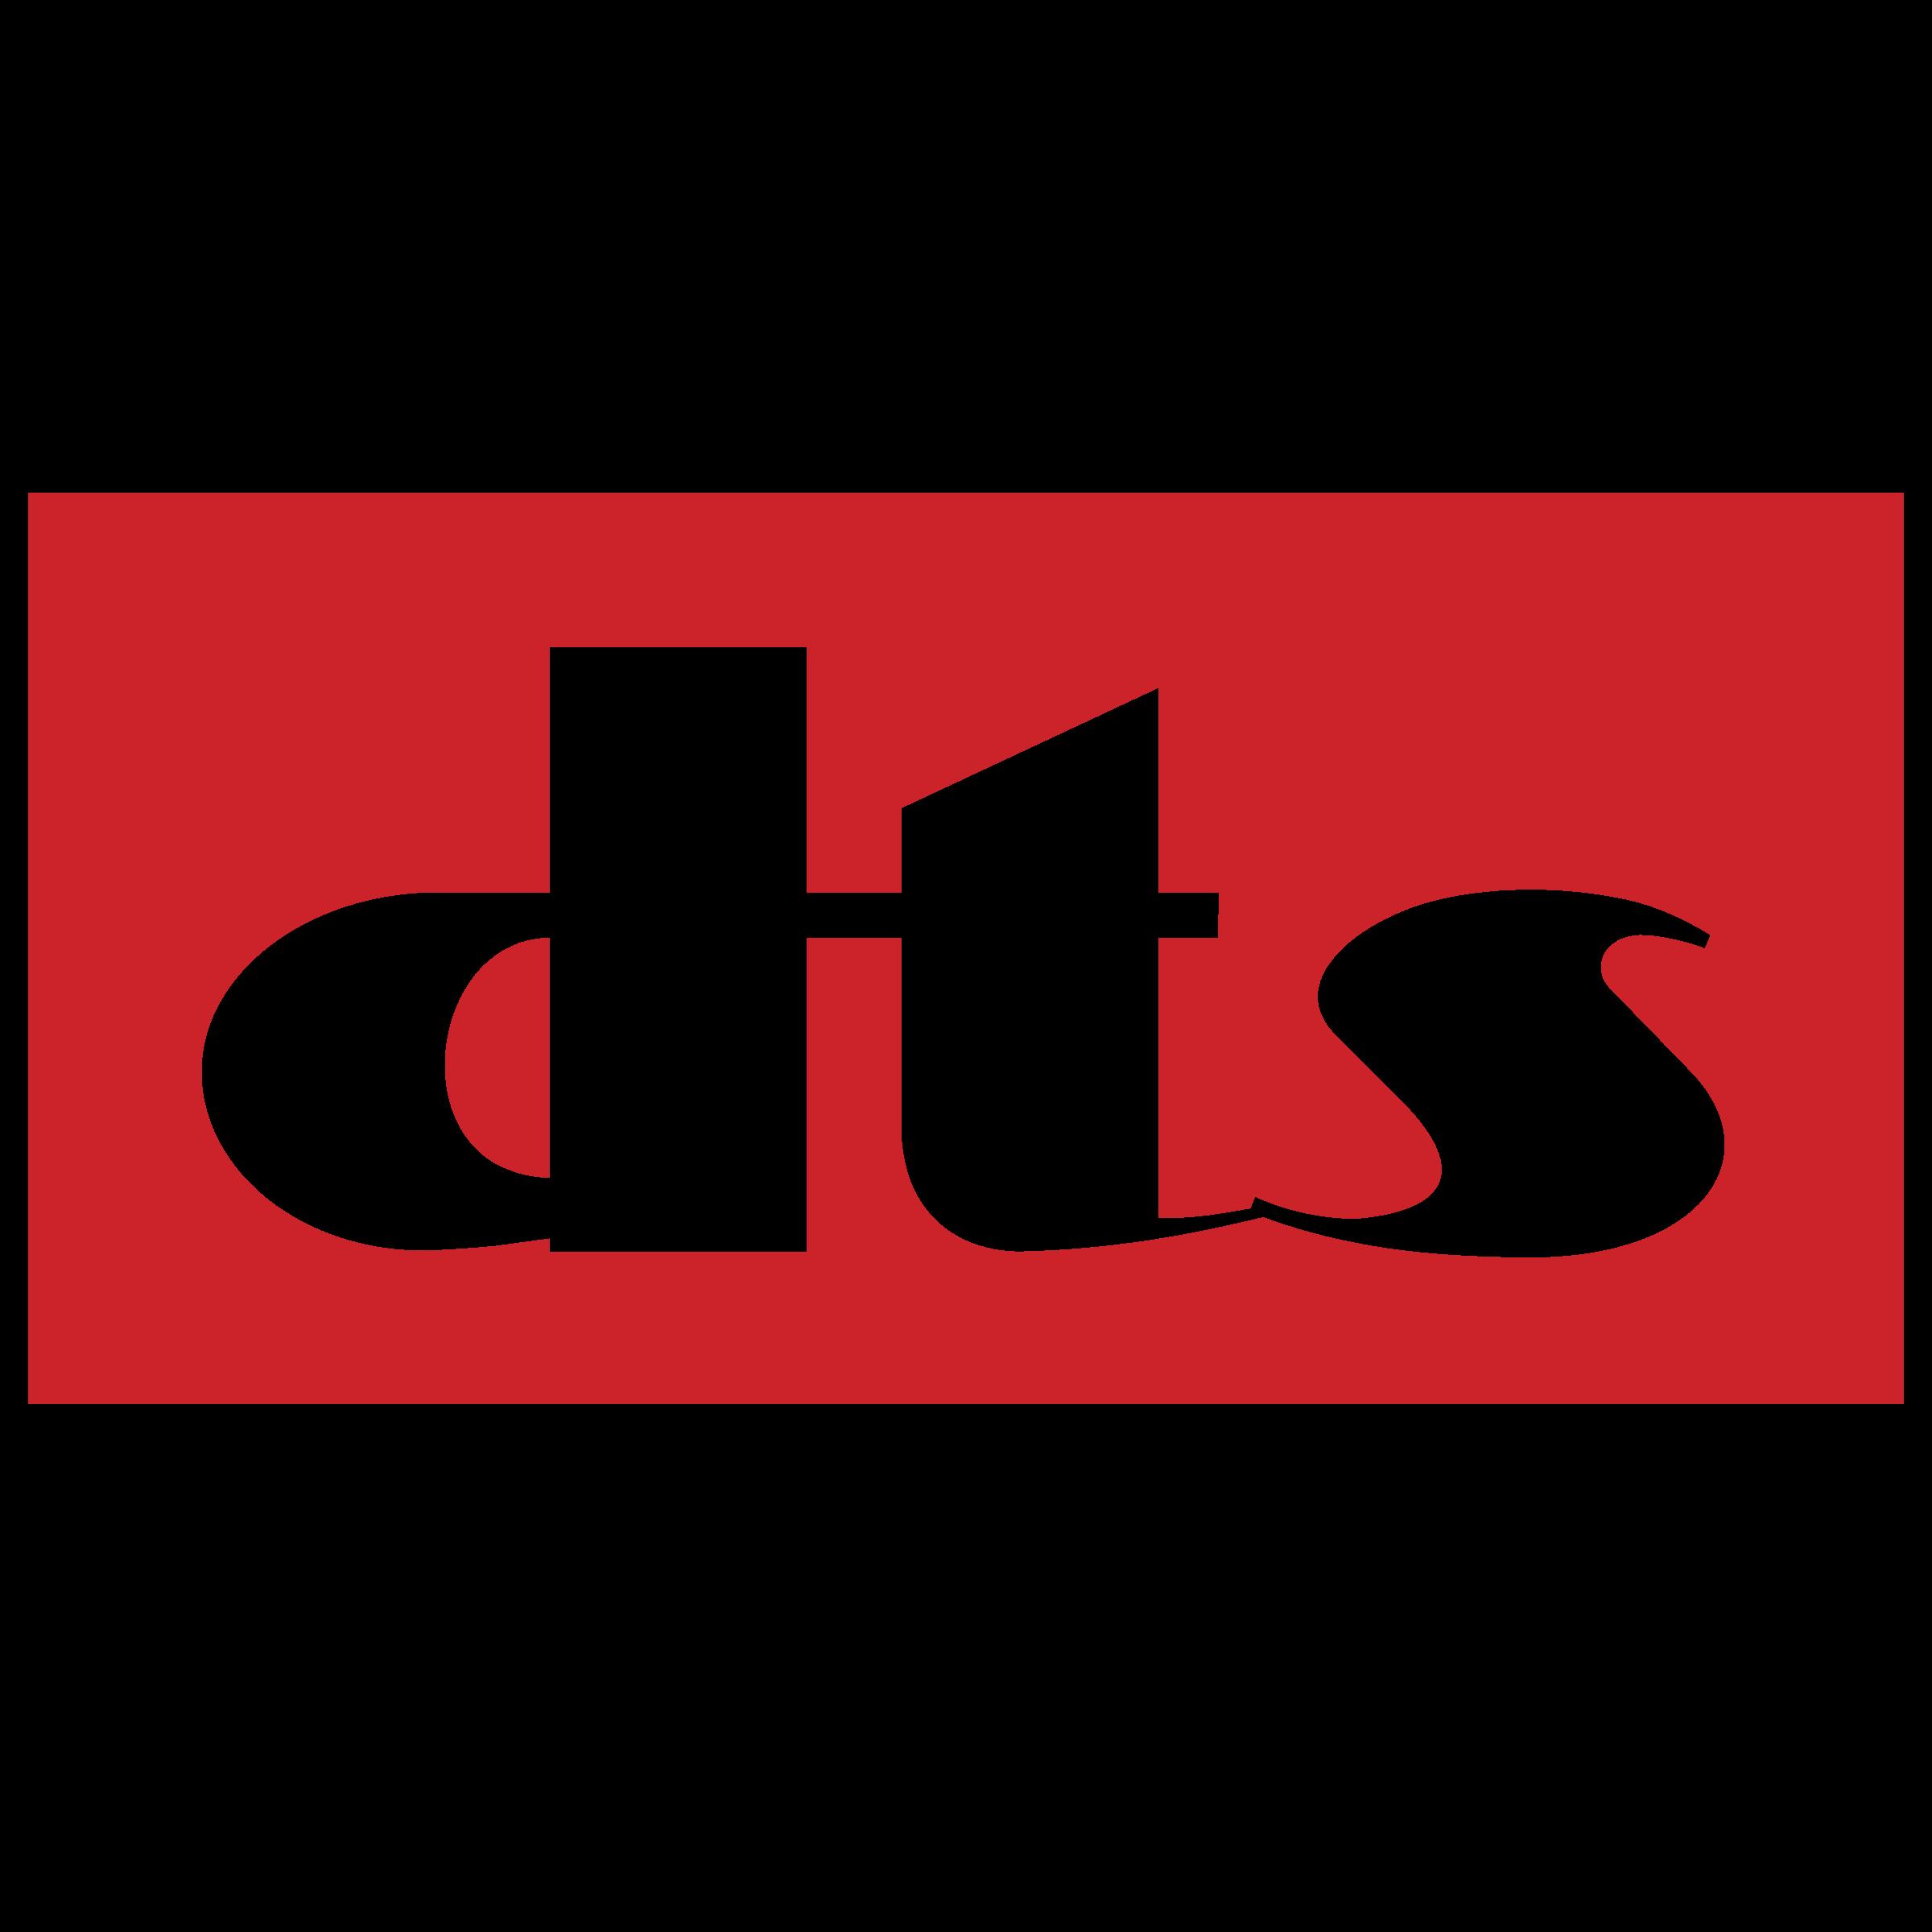 Digital DTS Surround Logo PNG Transparent & SVG Vector ...